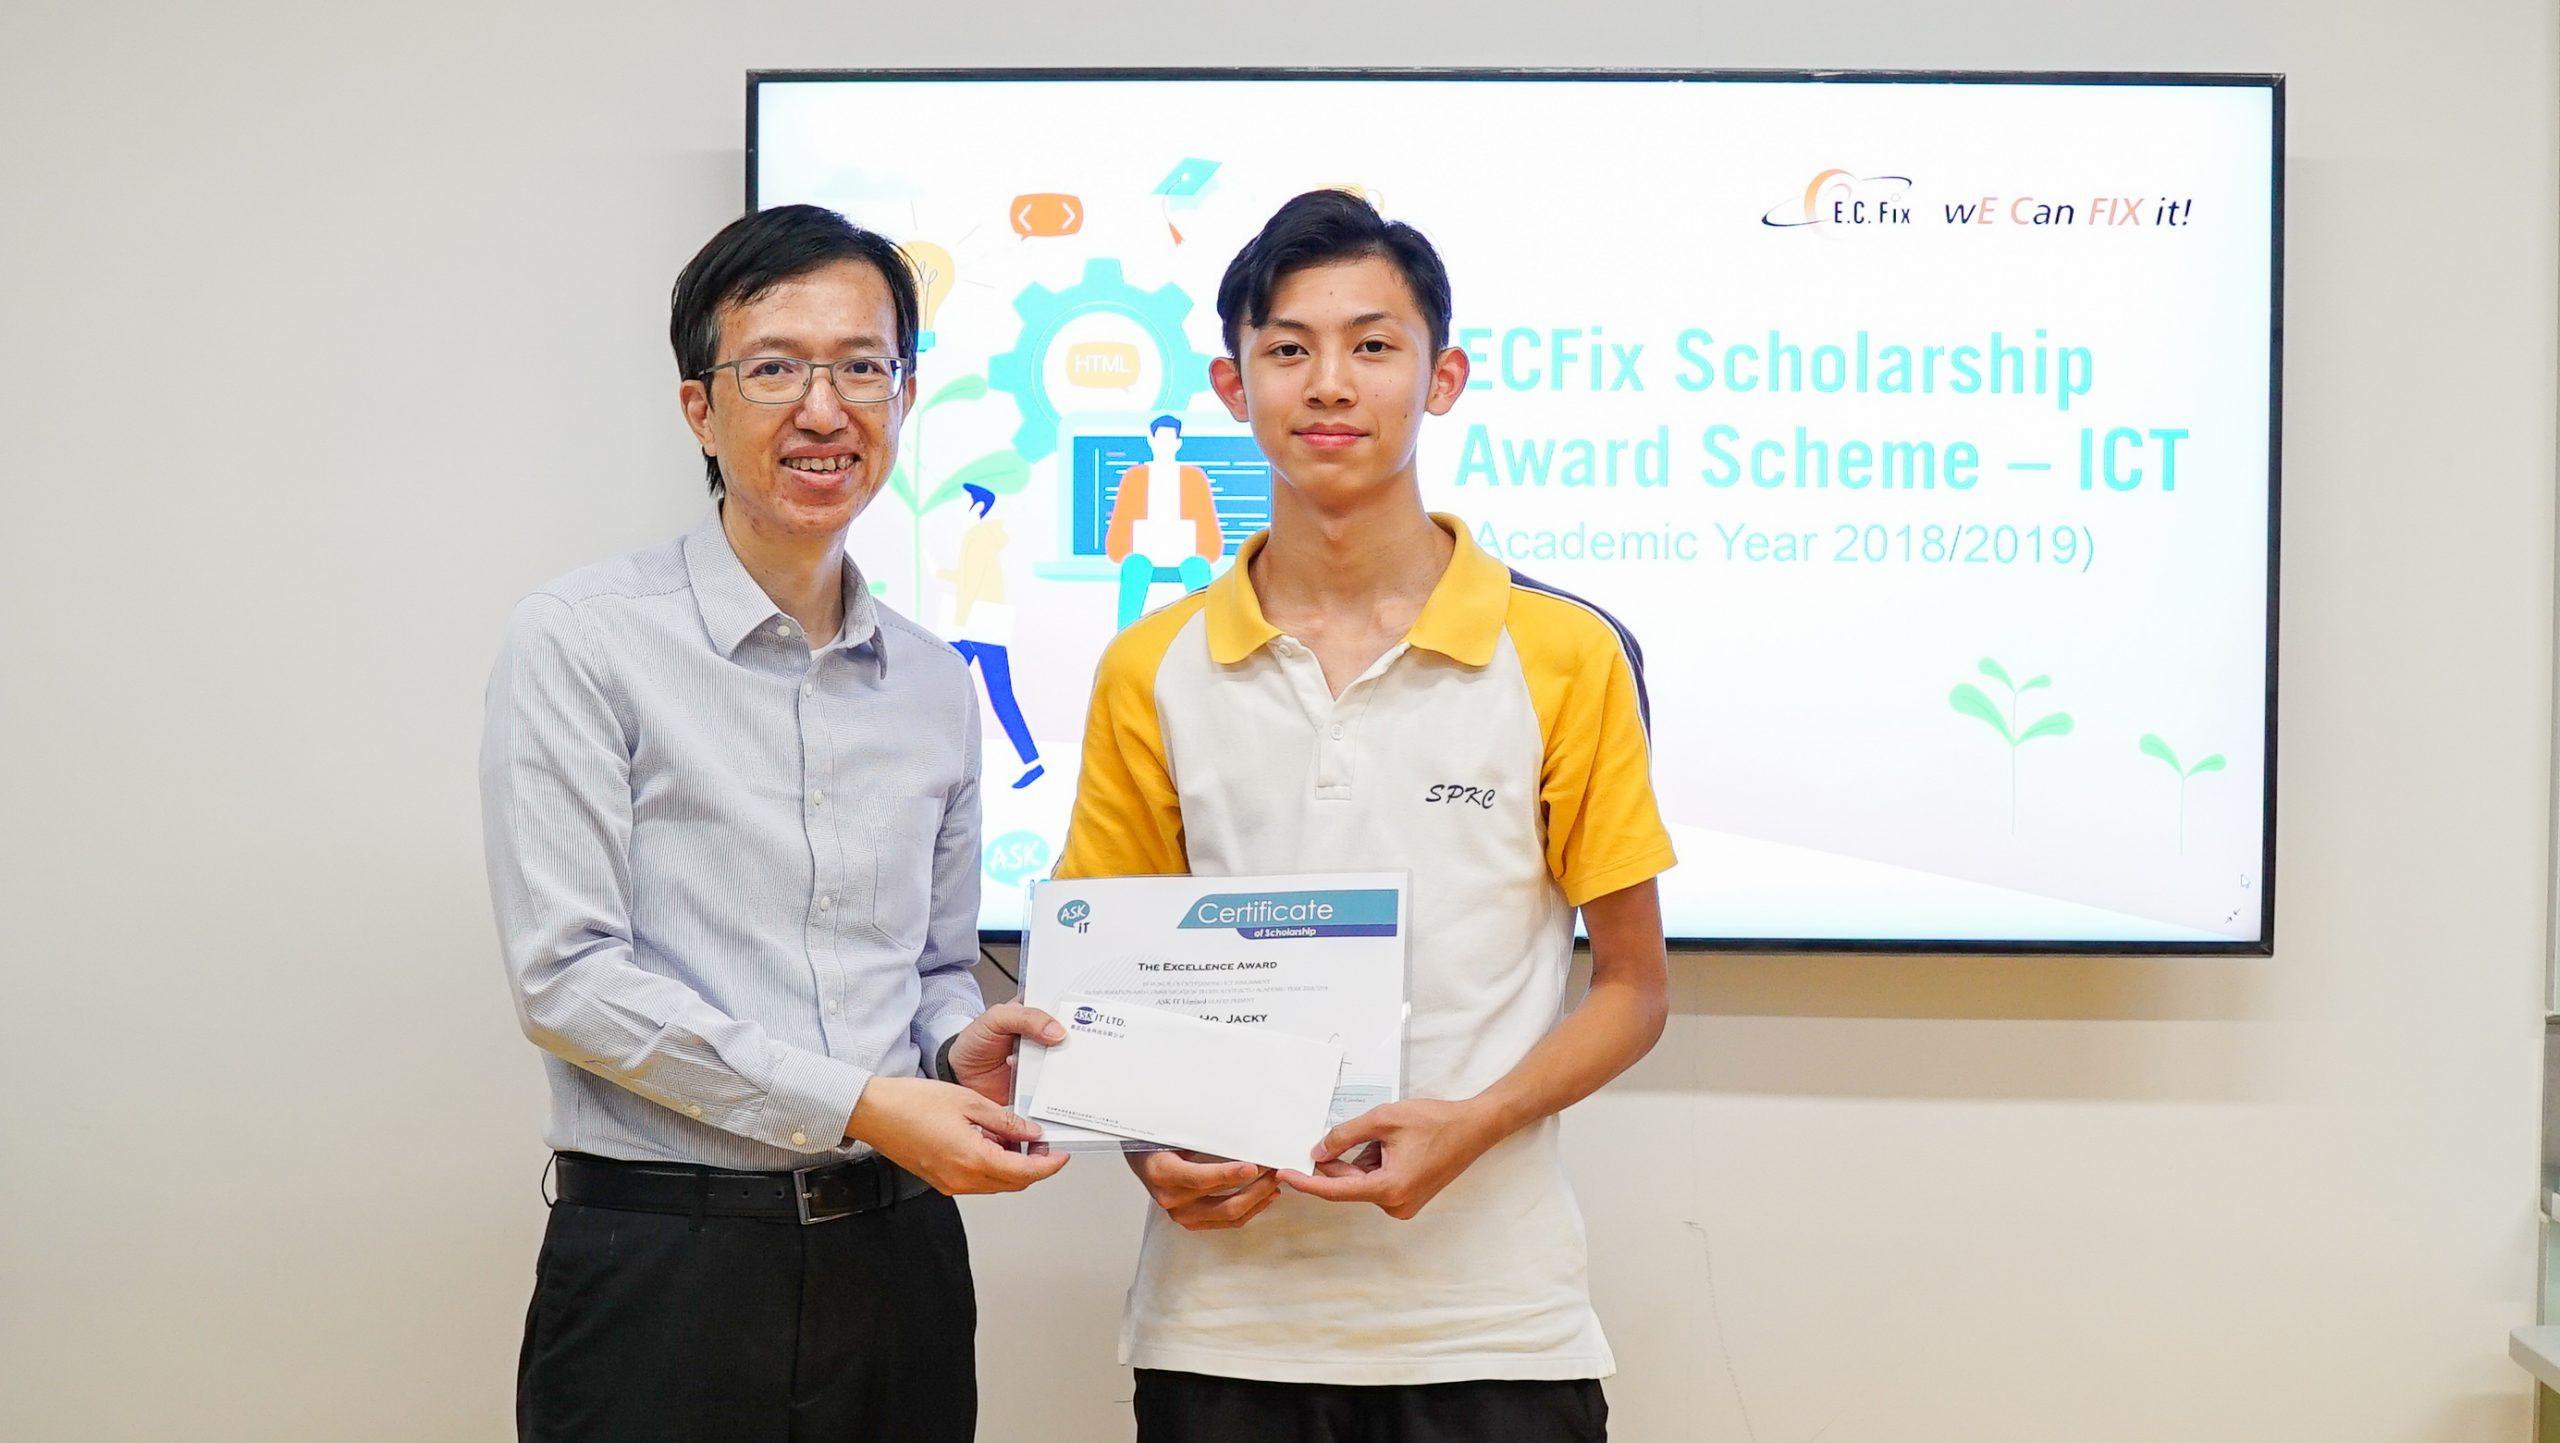 ict scholarship1